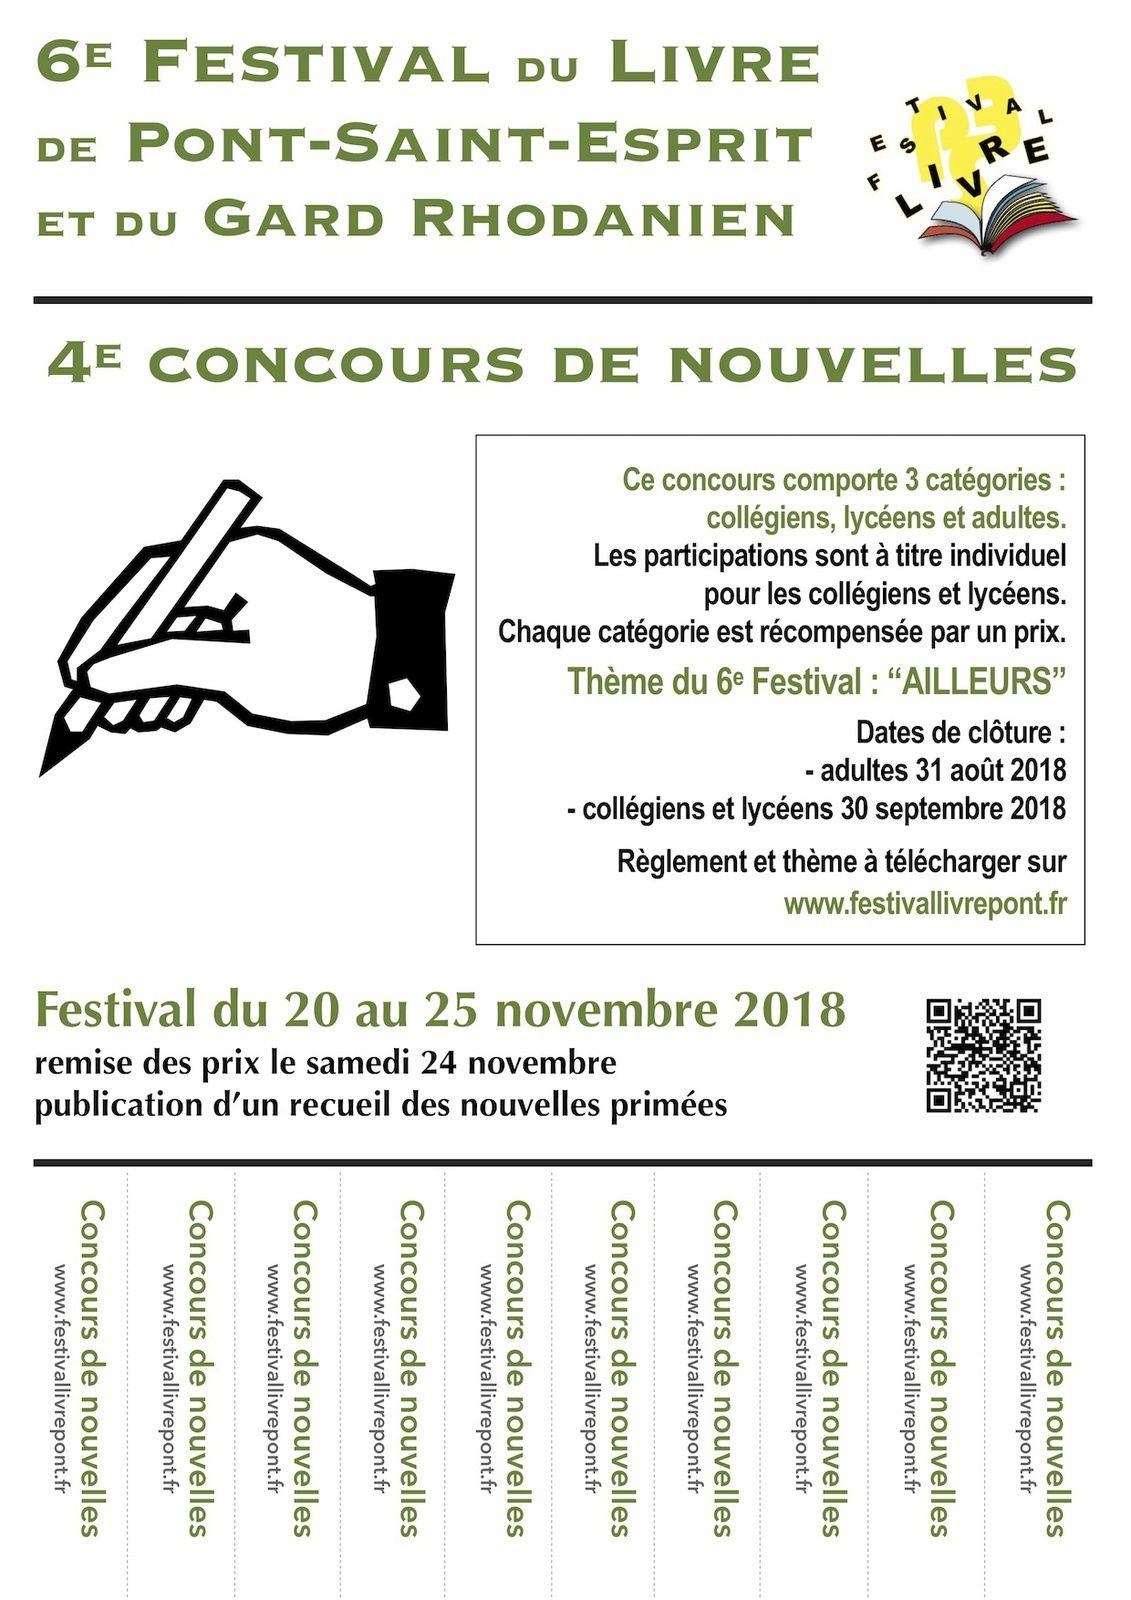 4e Concours de nouvelles du Festival du Livre de Pont-Saint-Esprit et du Gard Rhodanien